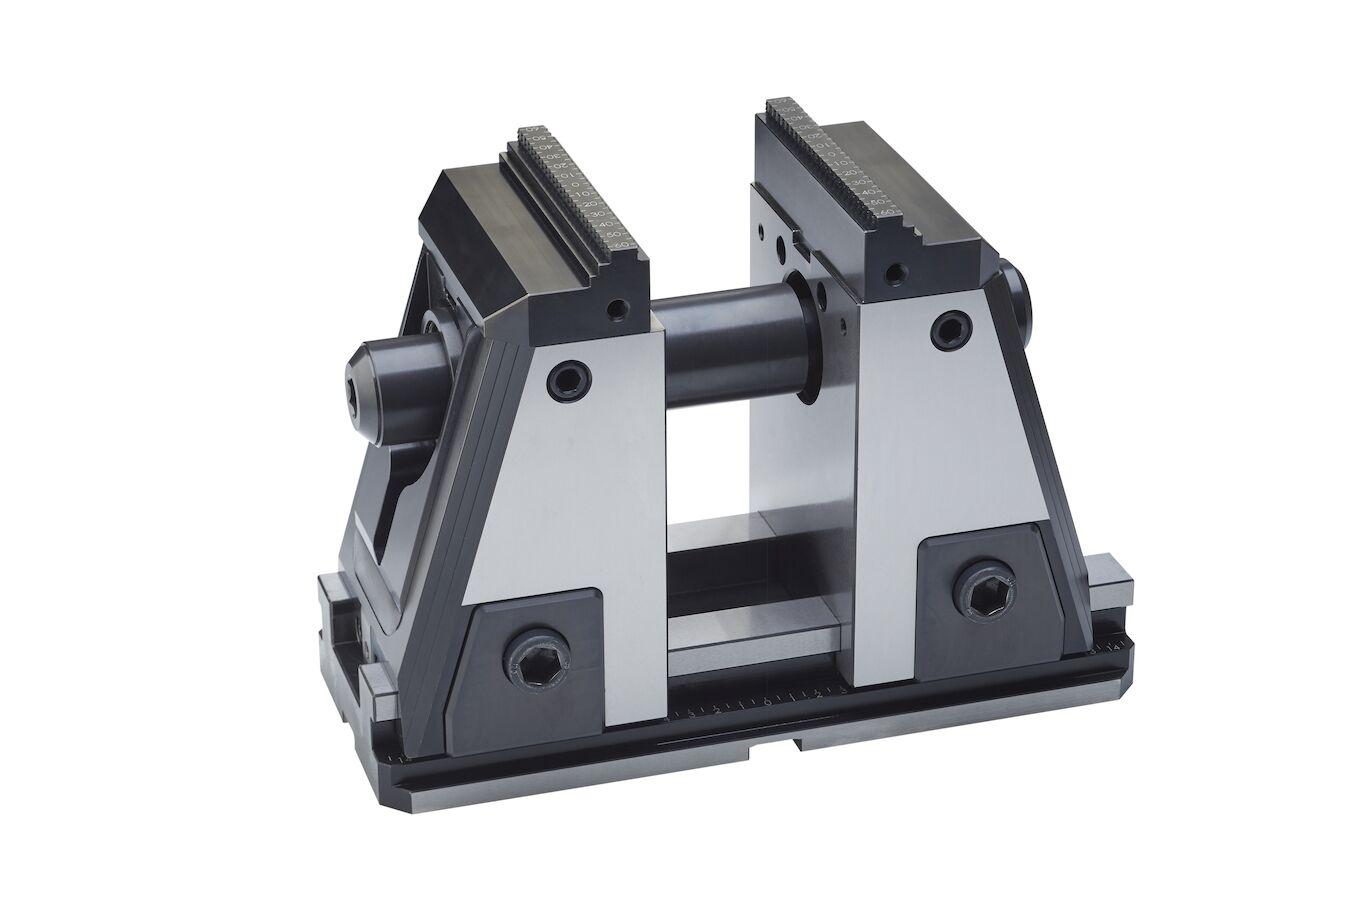 Schraubstock 125mm 5-Achsen